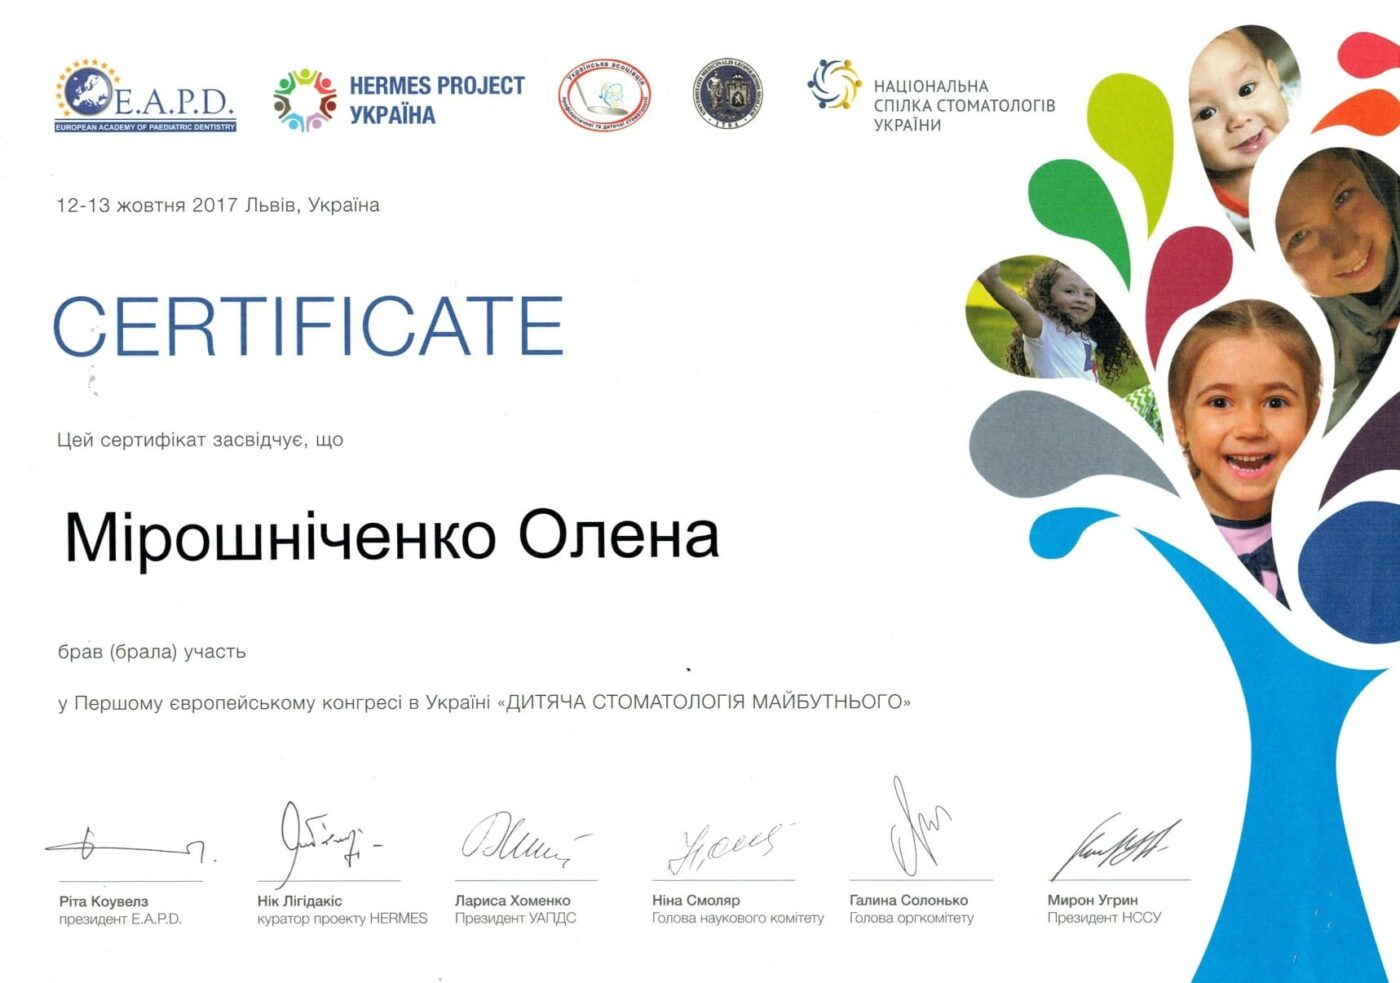 Сертифікат дитячого лікаря стоматолога Мірошниченко Олени Вікторівни об участі у первом европейском конгресе (Дитяча стоматологія майбутнього)